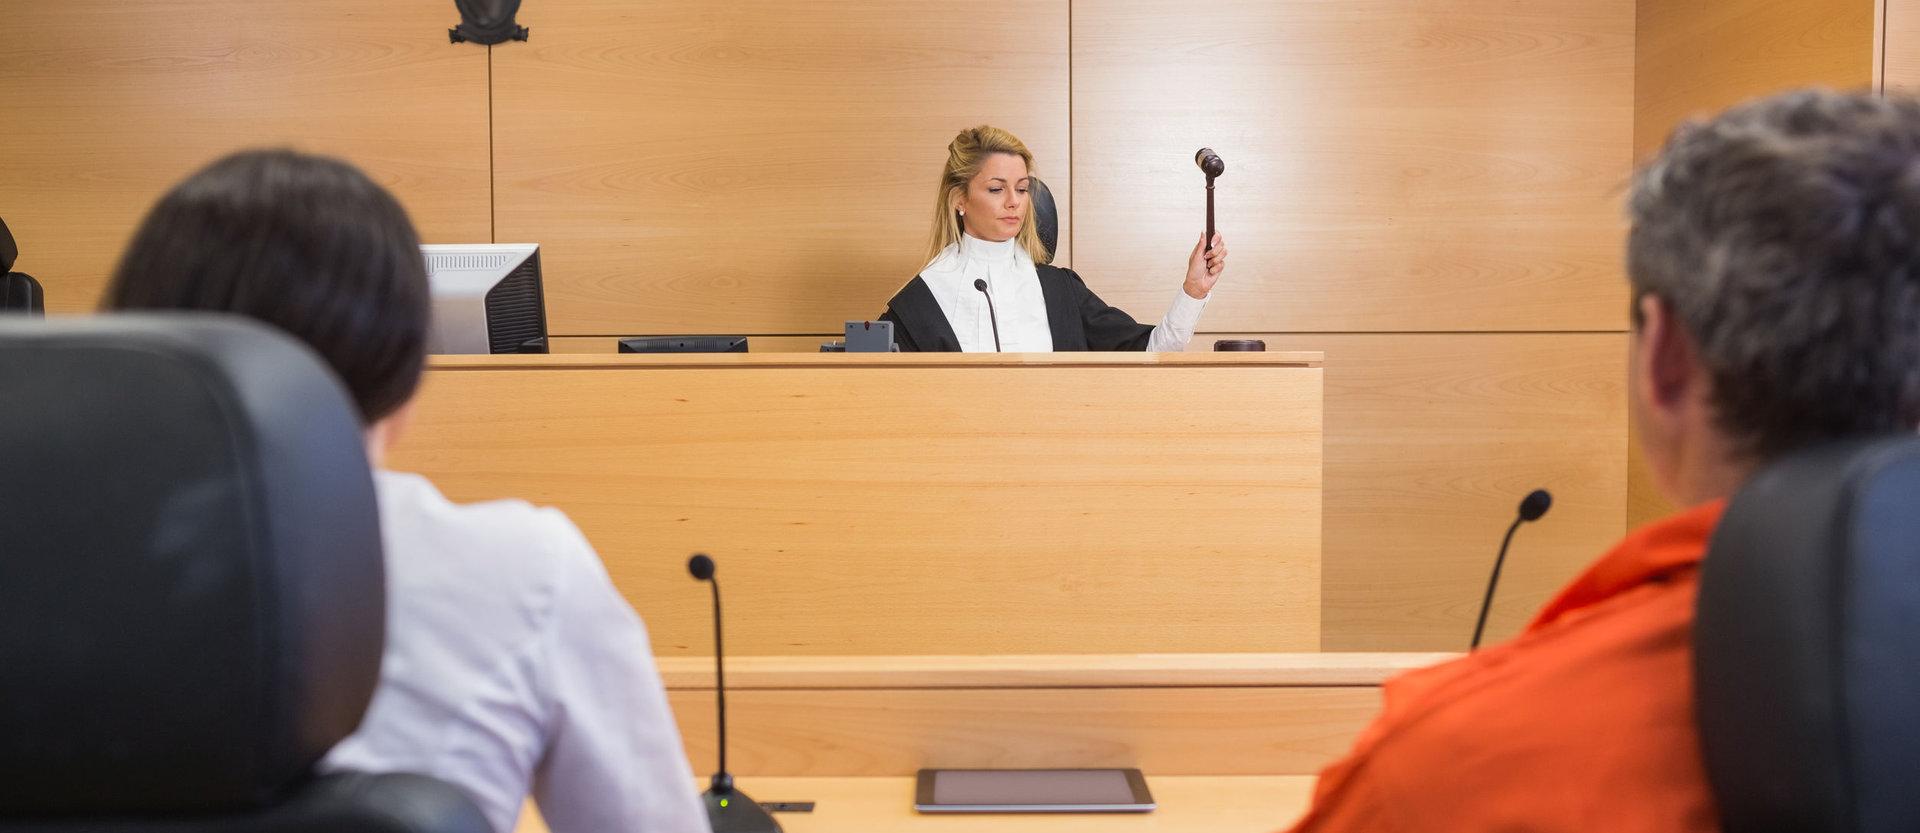 Rättegångsförfarande Spanien